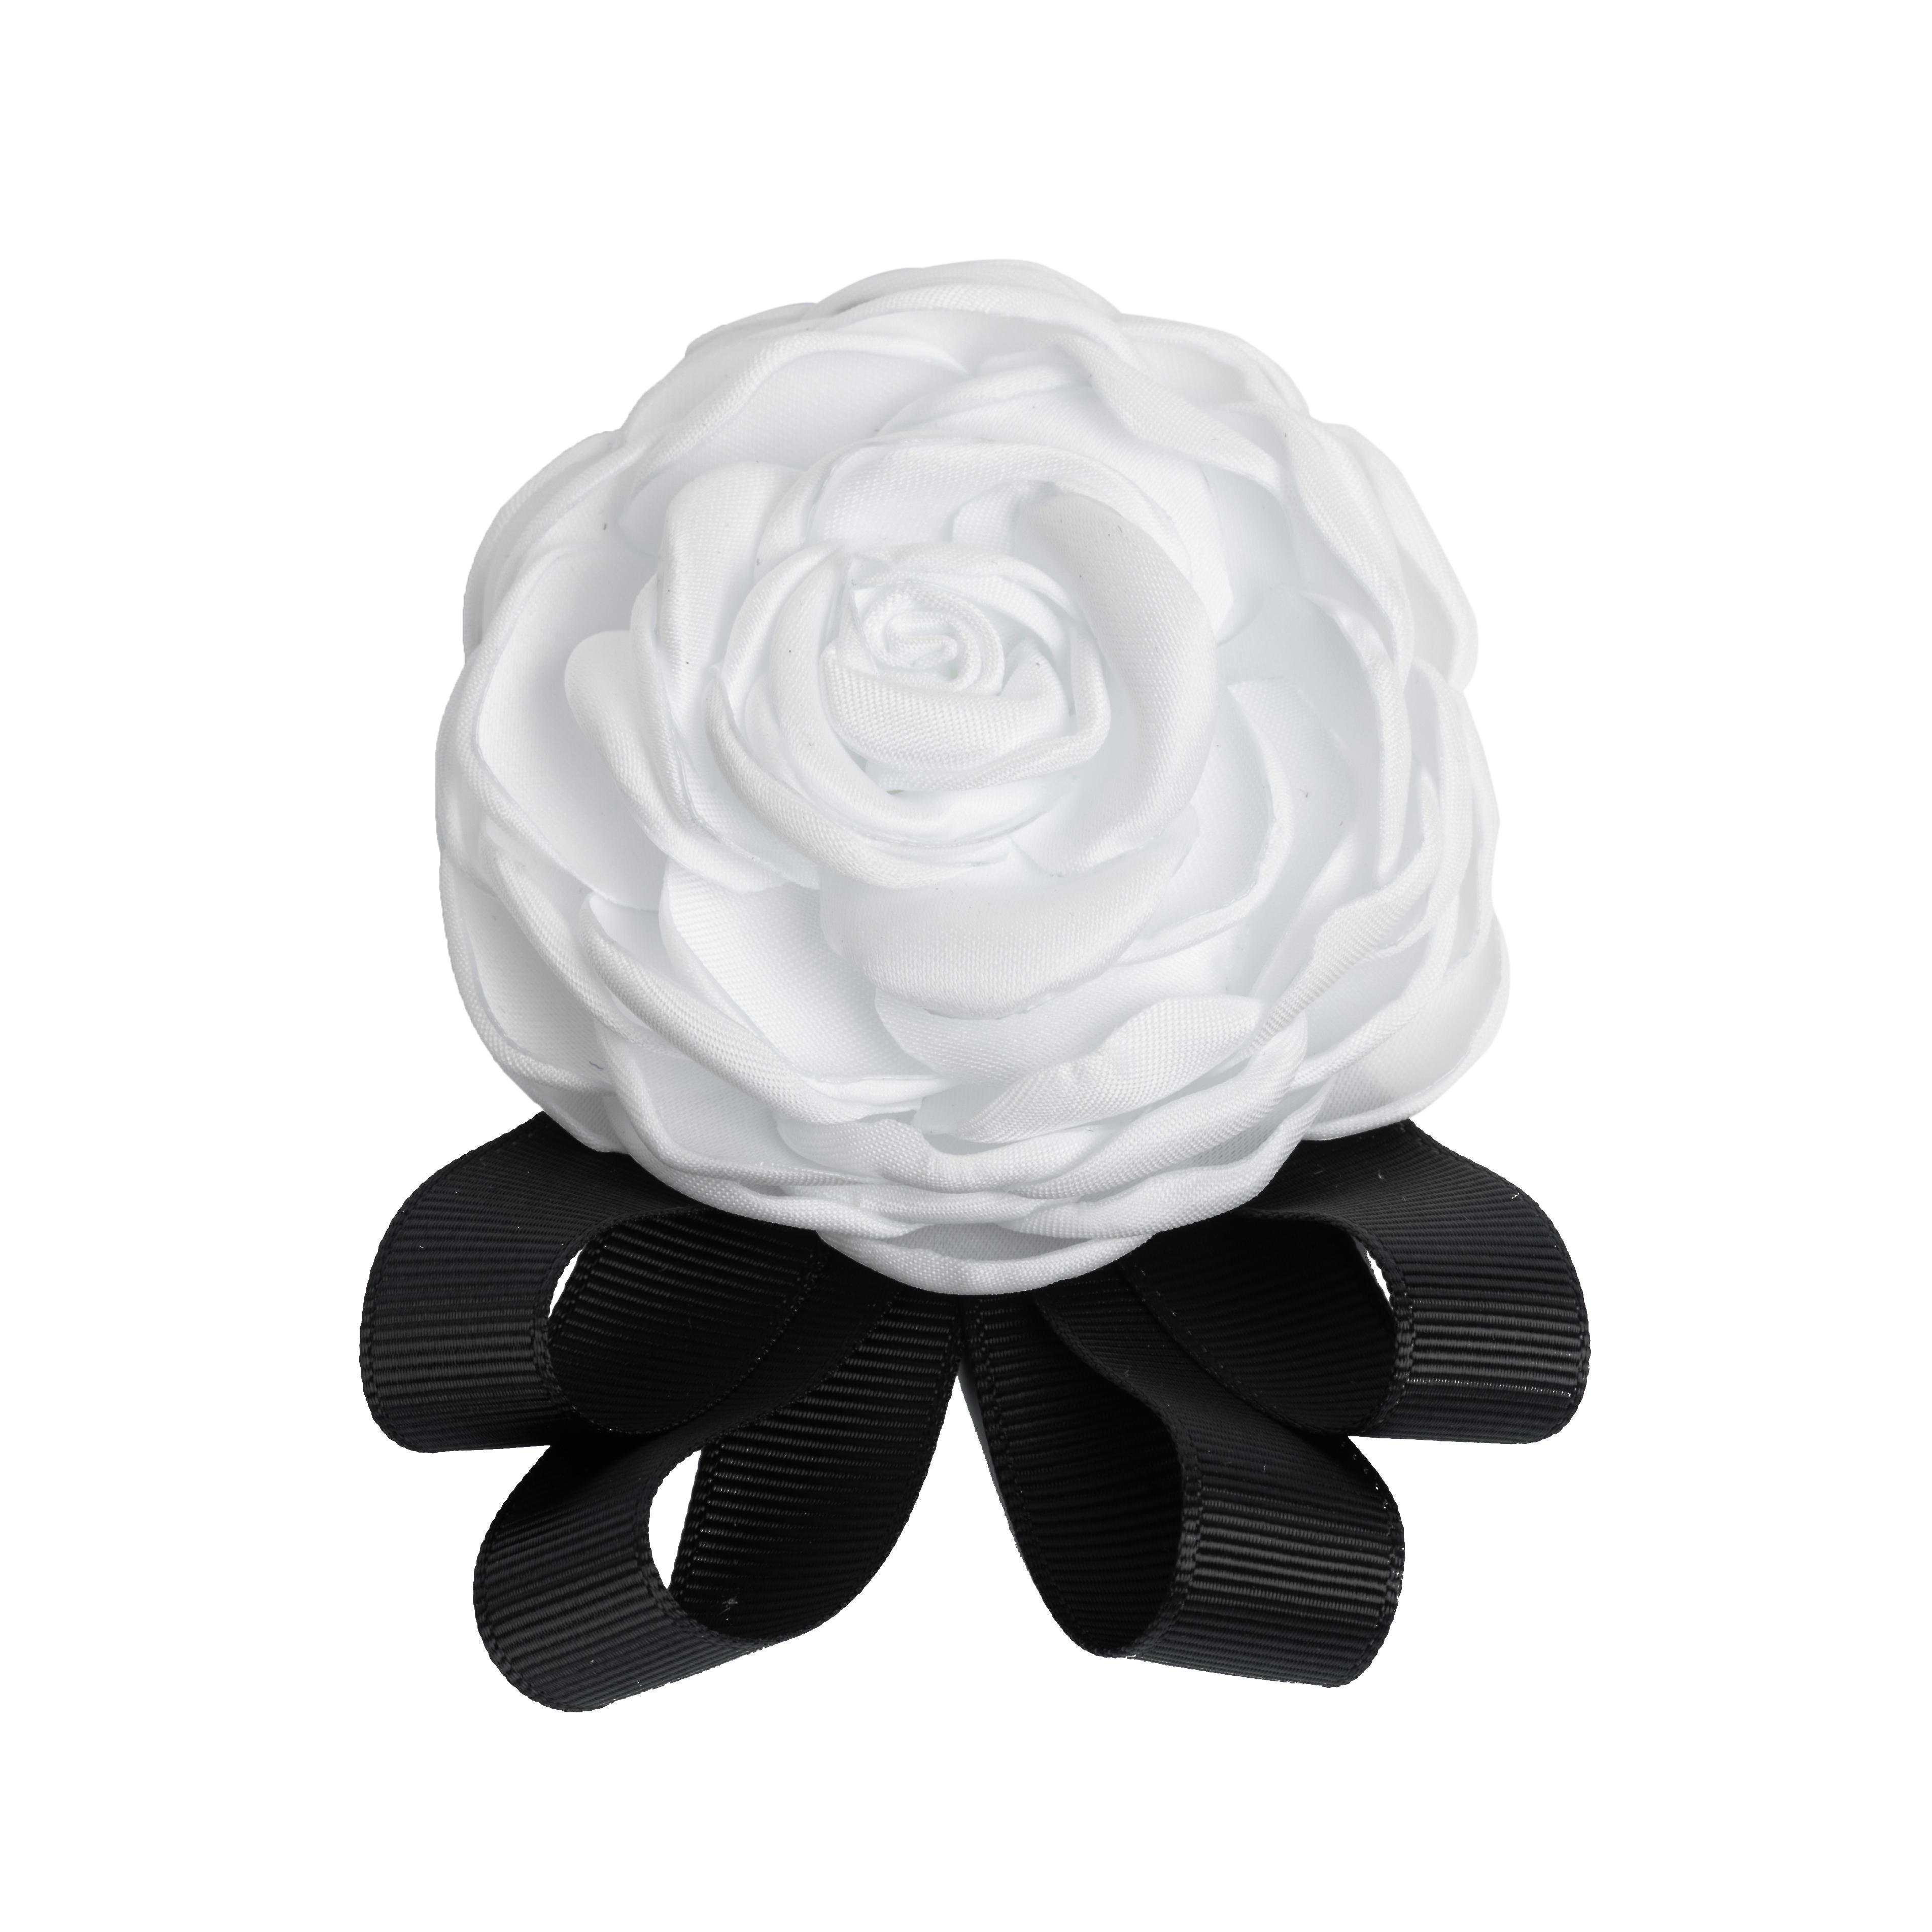 Phụ kiện cài áo hoa hồng trắng trông rất quý phái